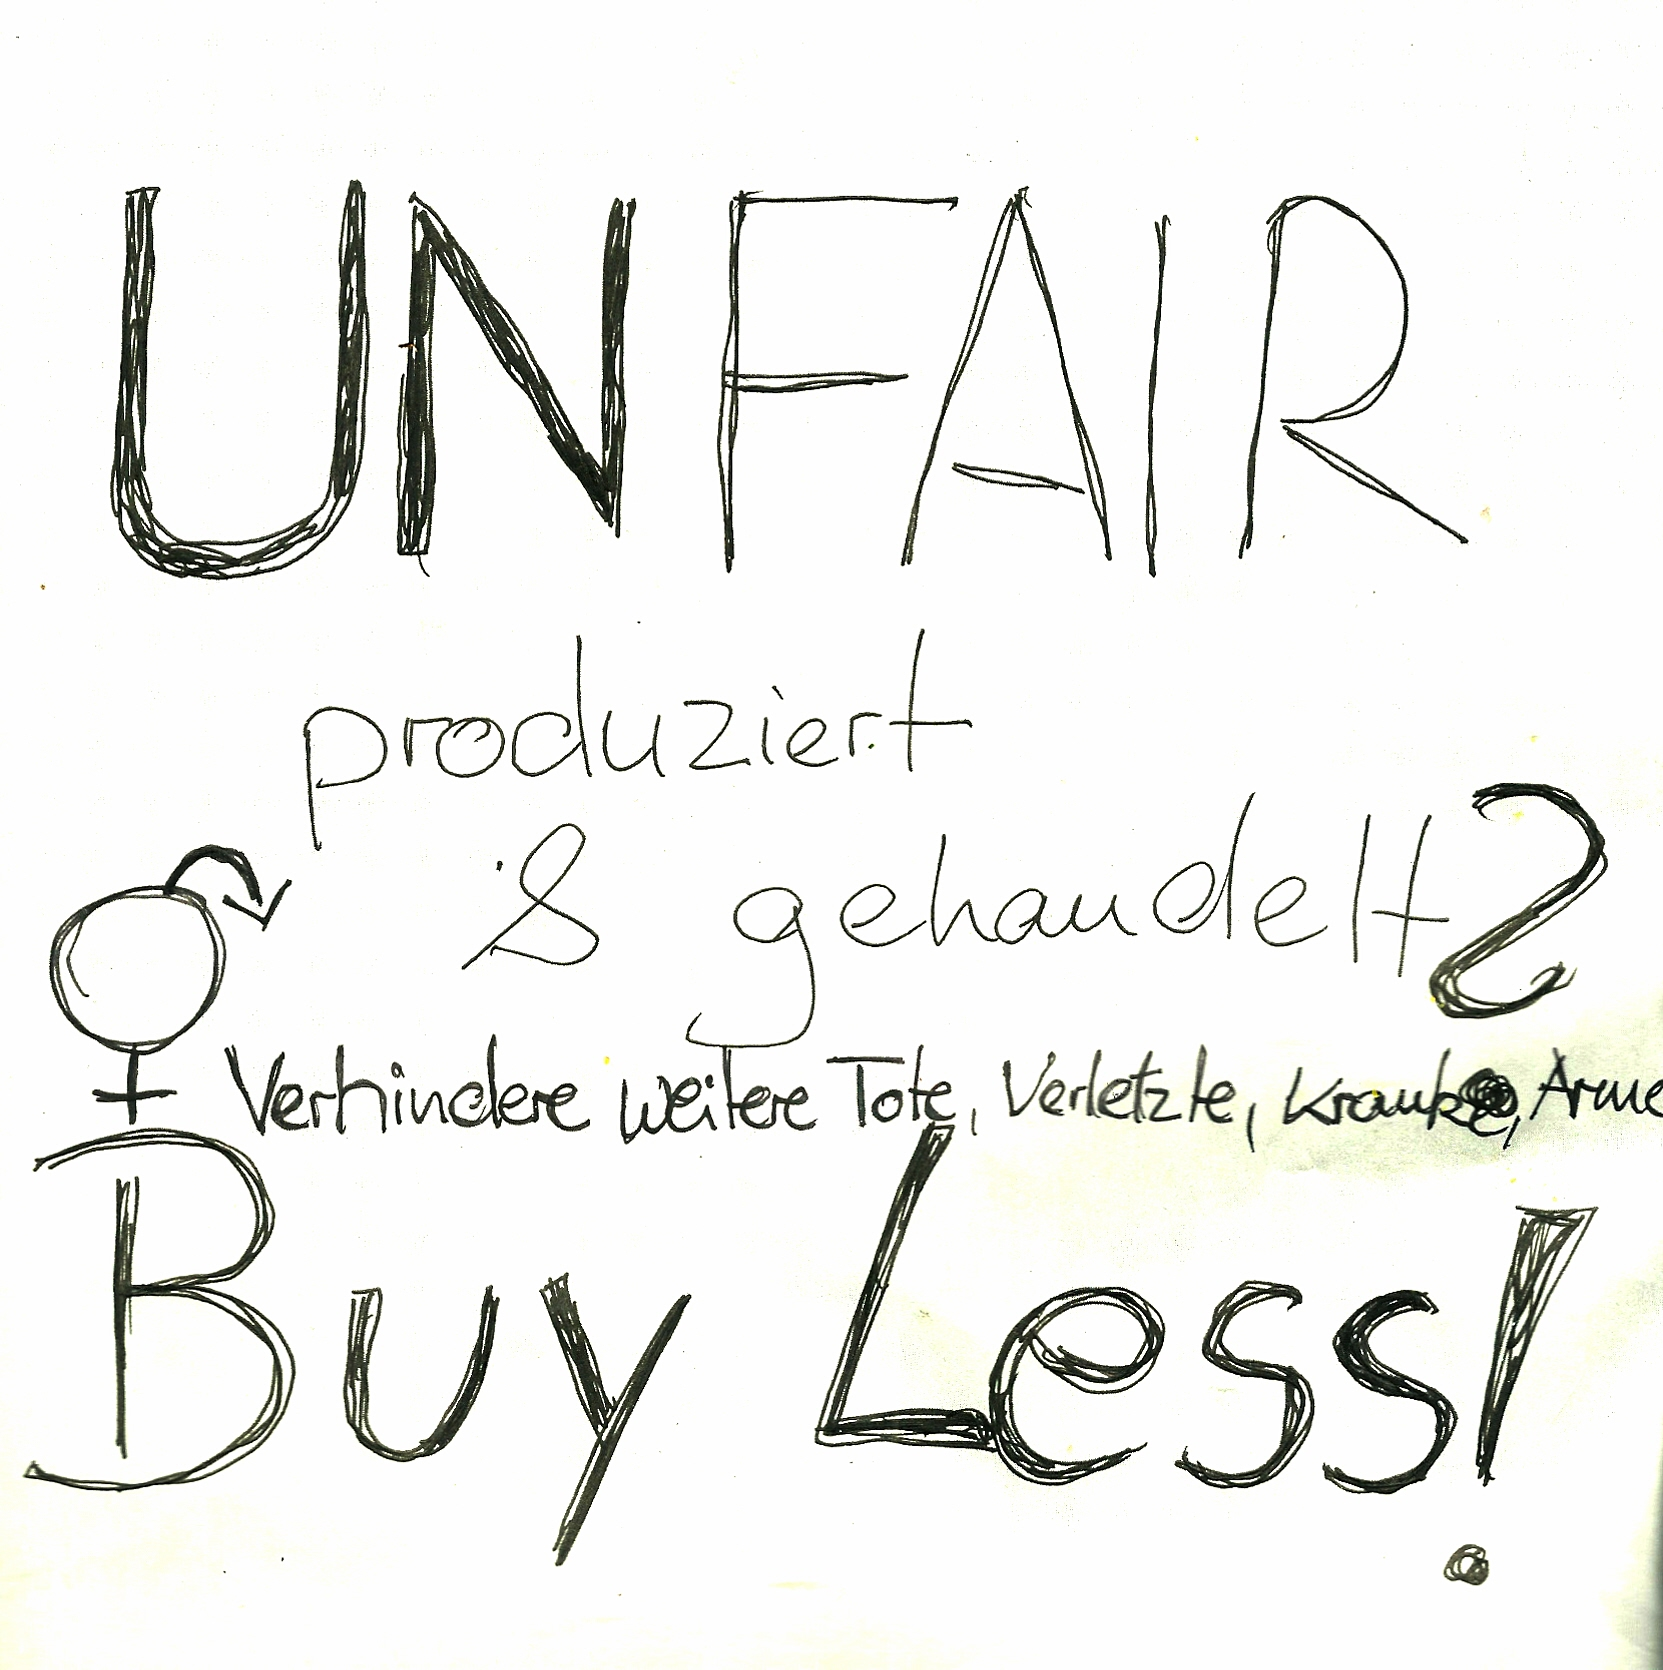 unfair produziert und gehandelt? buy less!